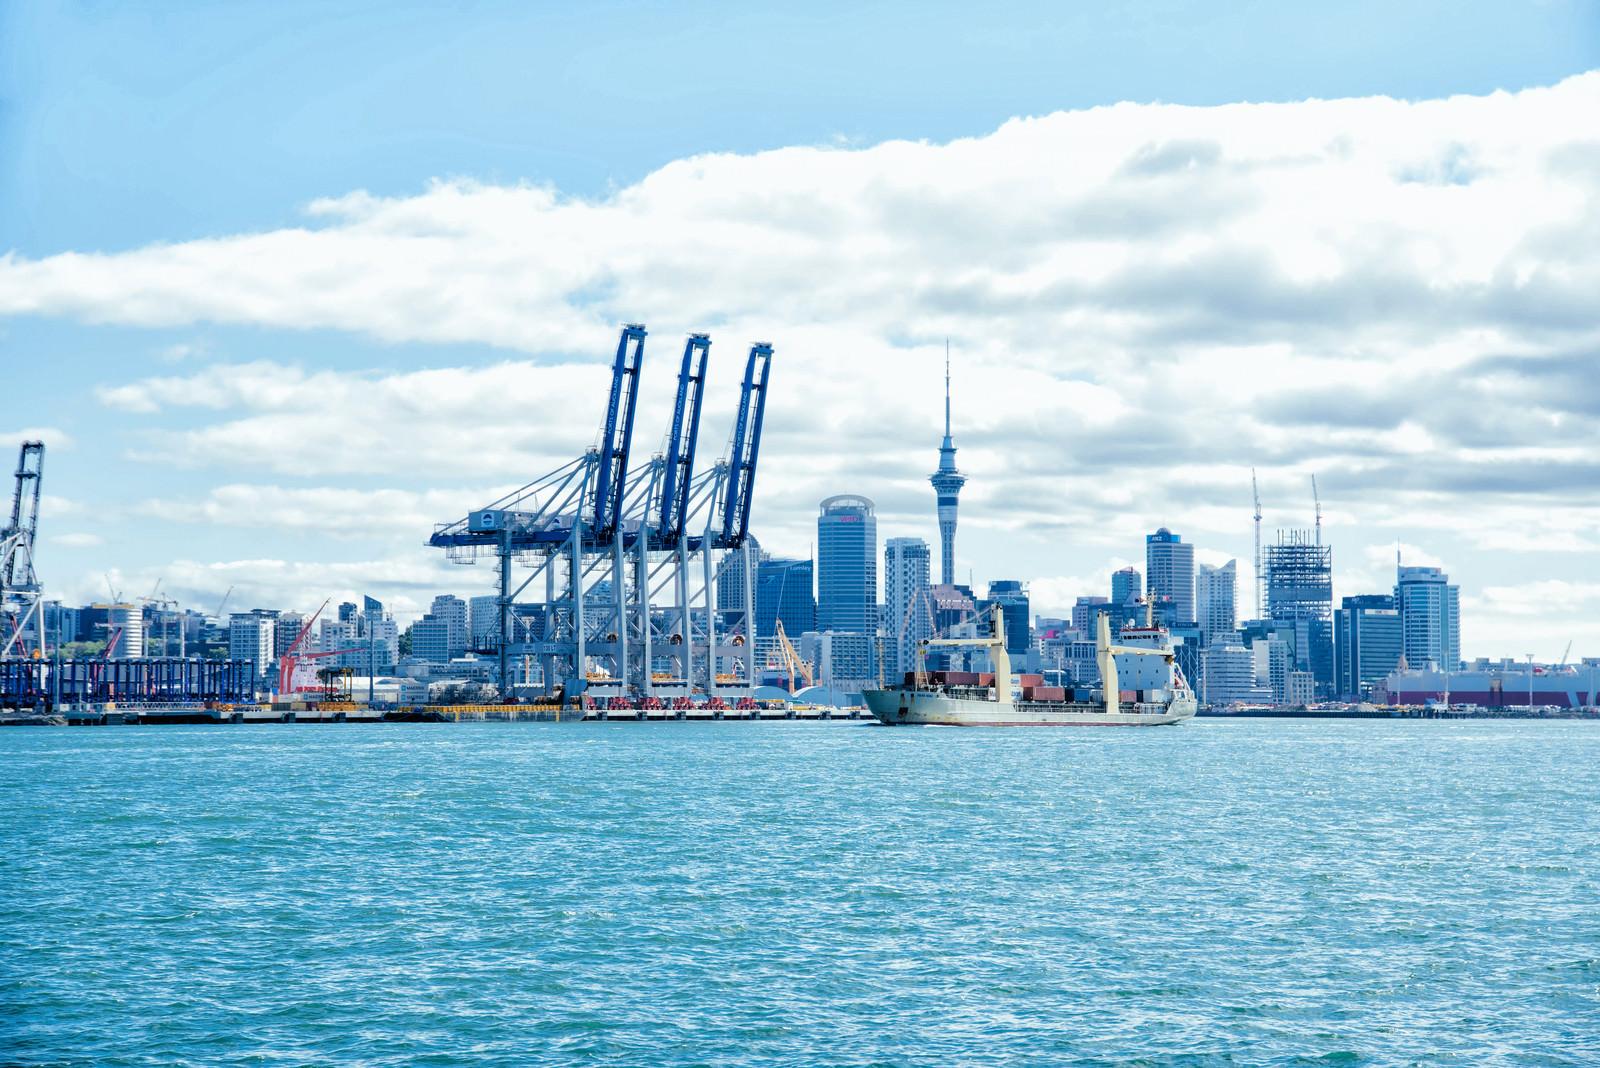 「オークランドのコンテナターミナルと貨物船(ニュージーランド)」の写真